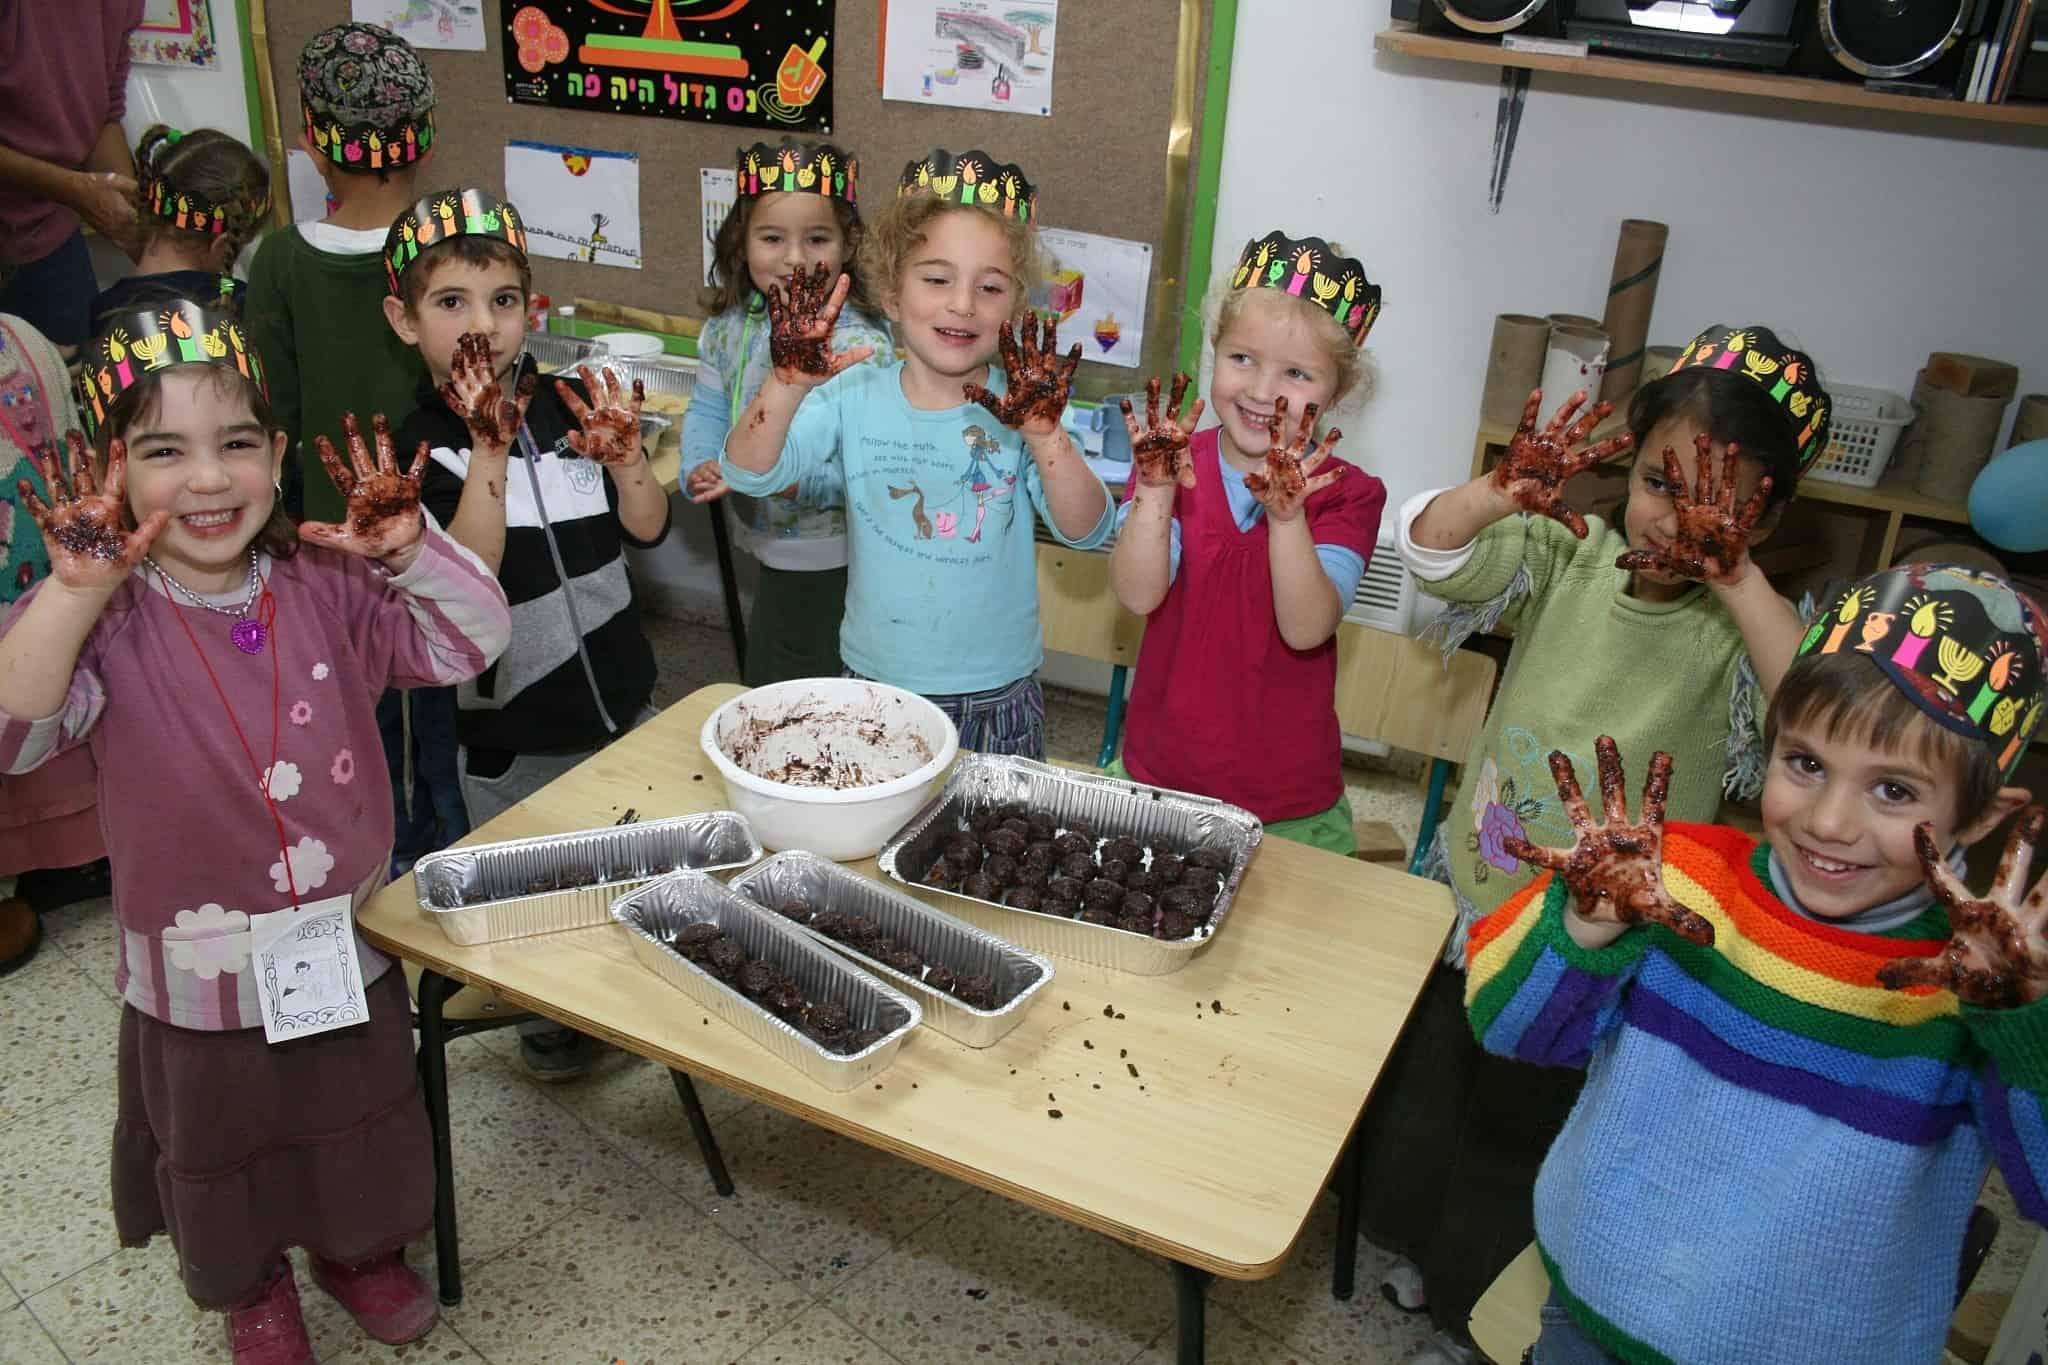 גן ילדים בהתנחלות אפרת, 2009 (צילום: Gershon Elinson/Flash90)